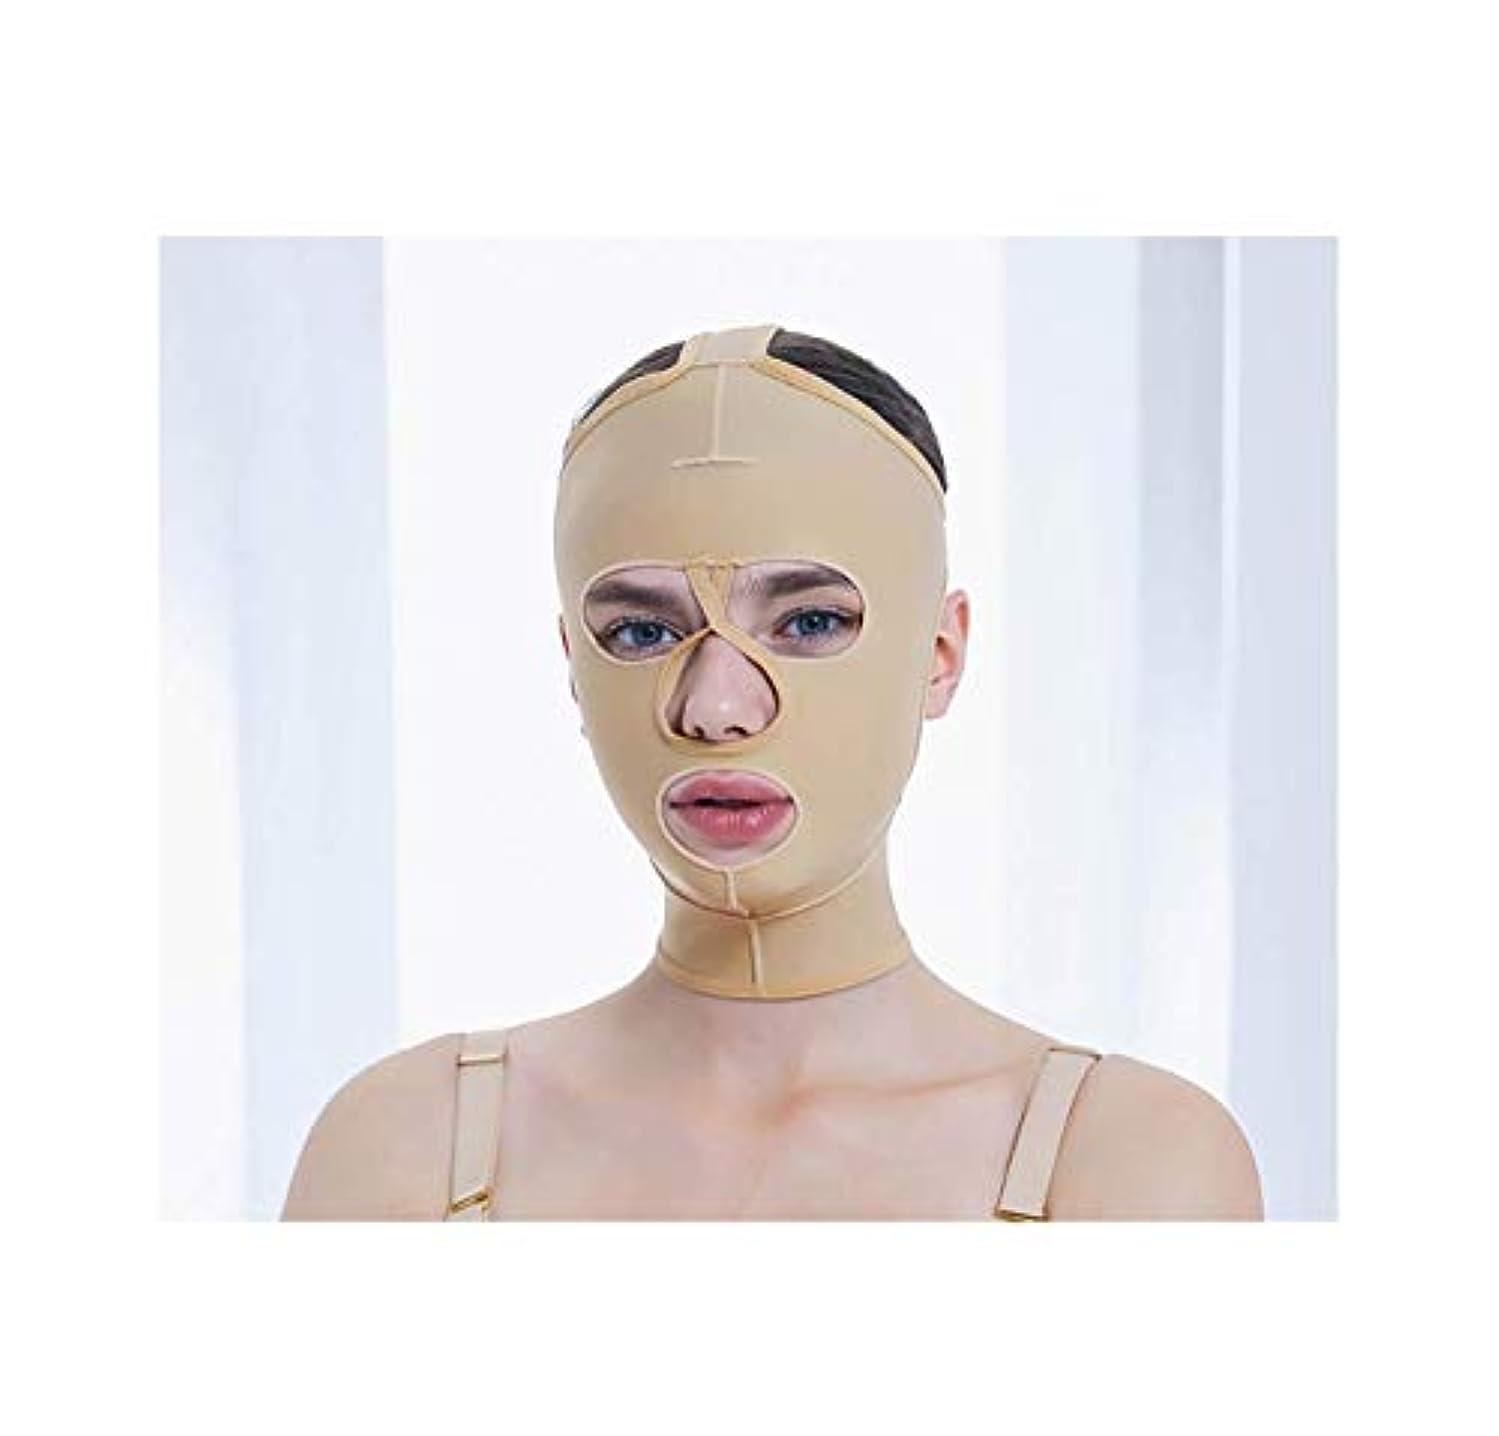 数学印象的なダイバーフェイスアンドネックリフト、減量フェイスマスク脂肪吸引術脂肪吸引術シェーピングマスクフードフェイスリフティングアーティファクトVフェイスビームフェイス弾性スリーブ(サイズ:S)